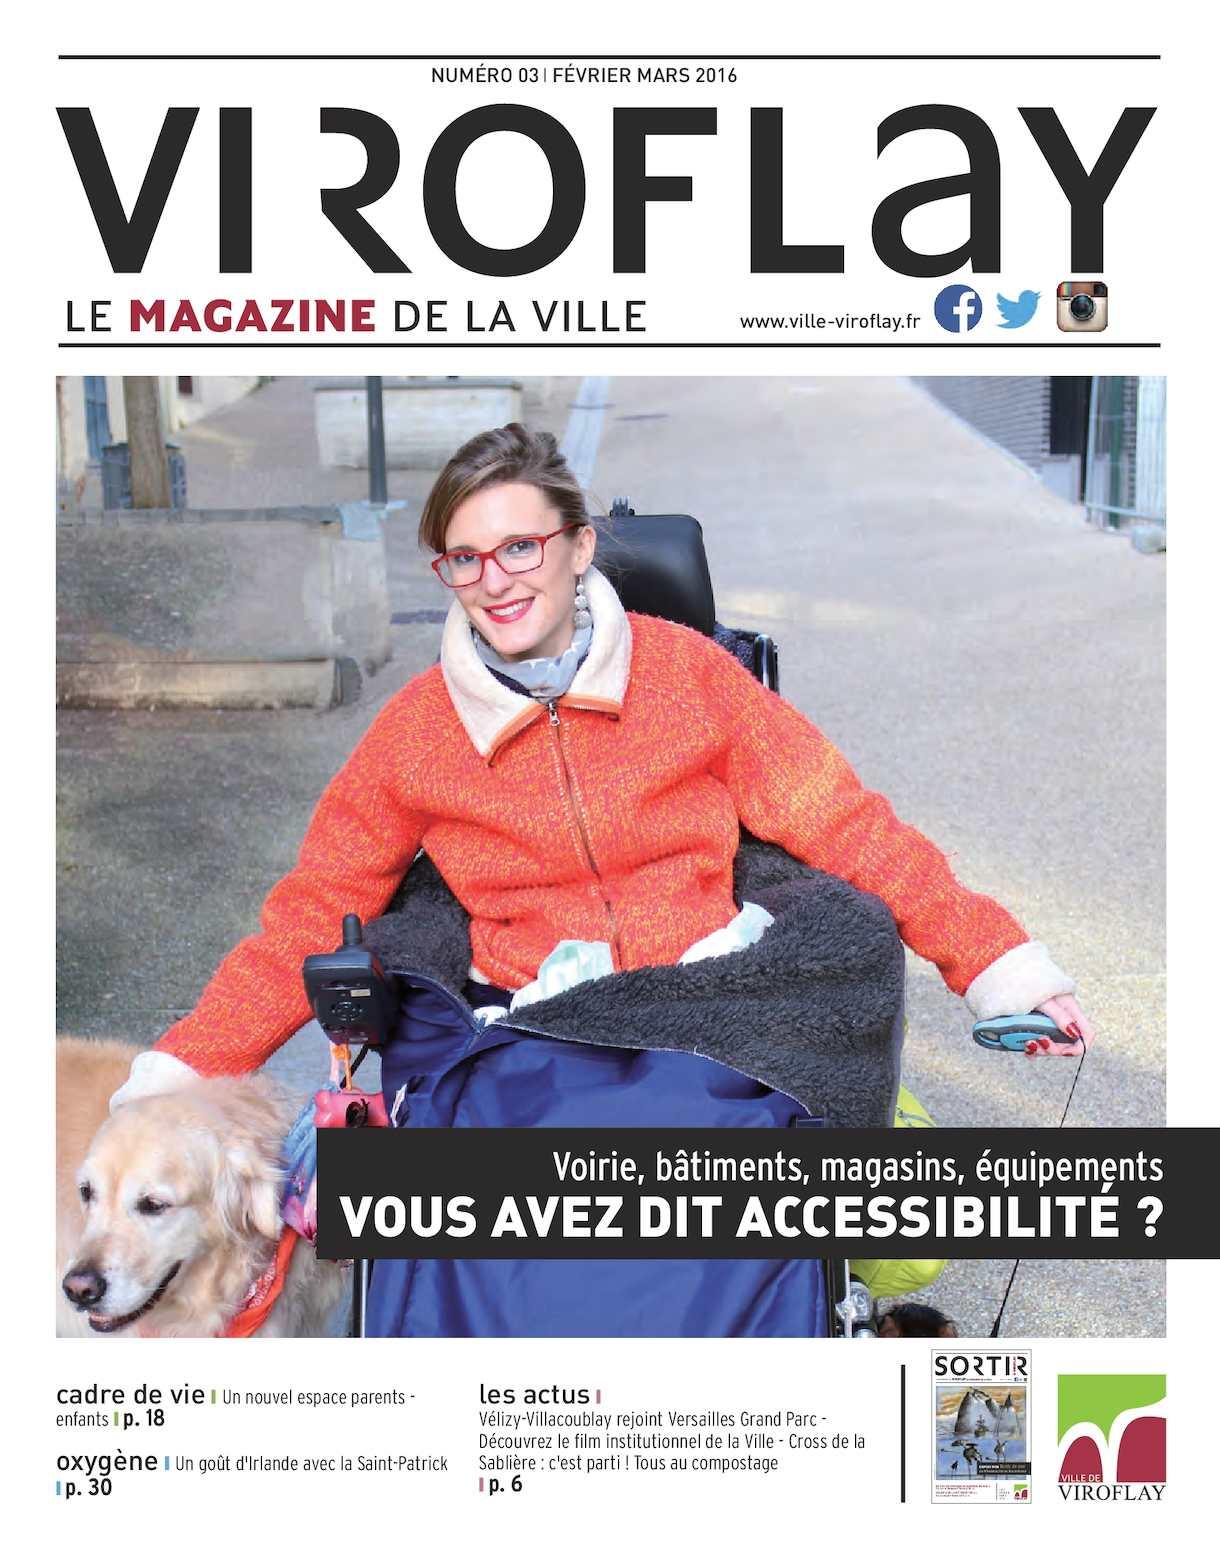 Viroflay le magazine de la ville n°3 (février - mars 2016)